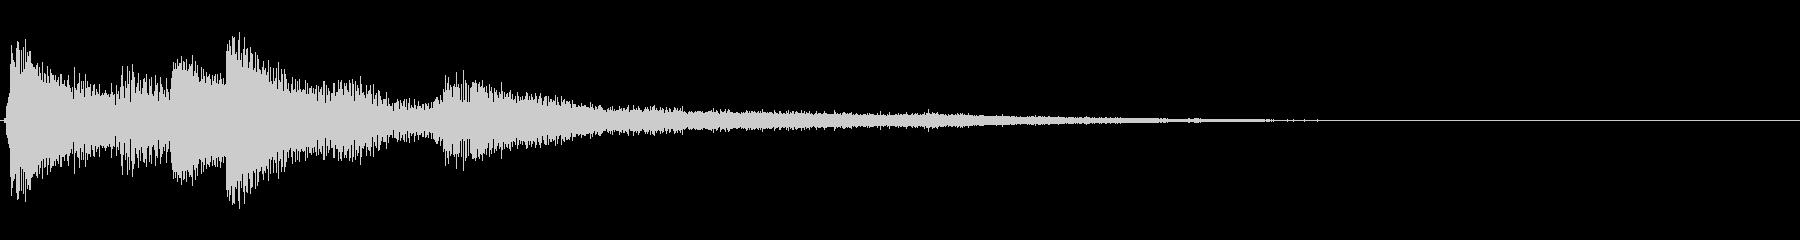 ピアノジングル02_cの未再生の波形